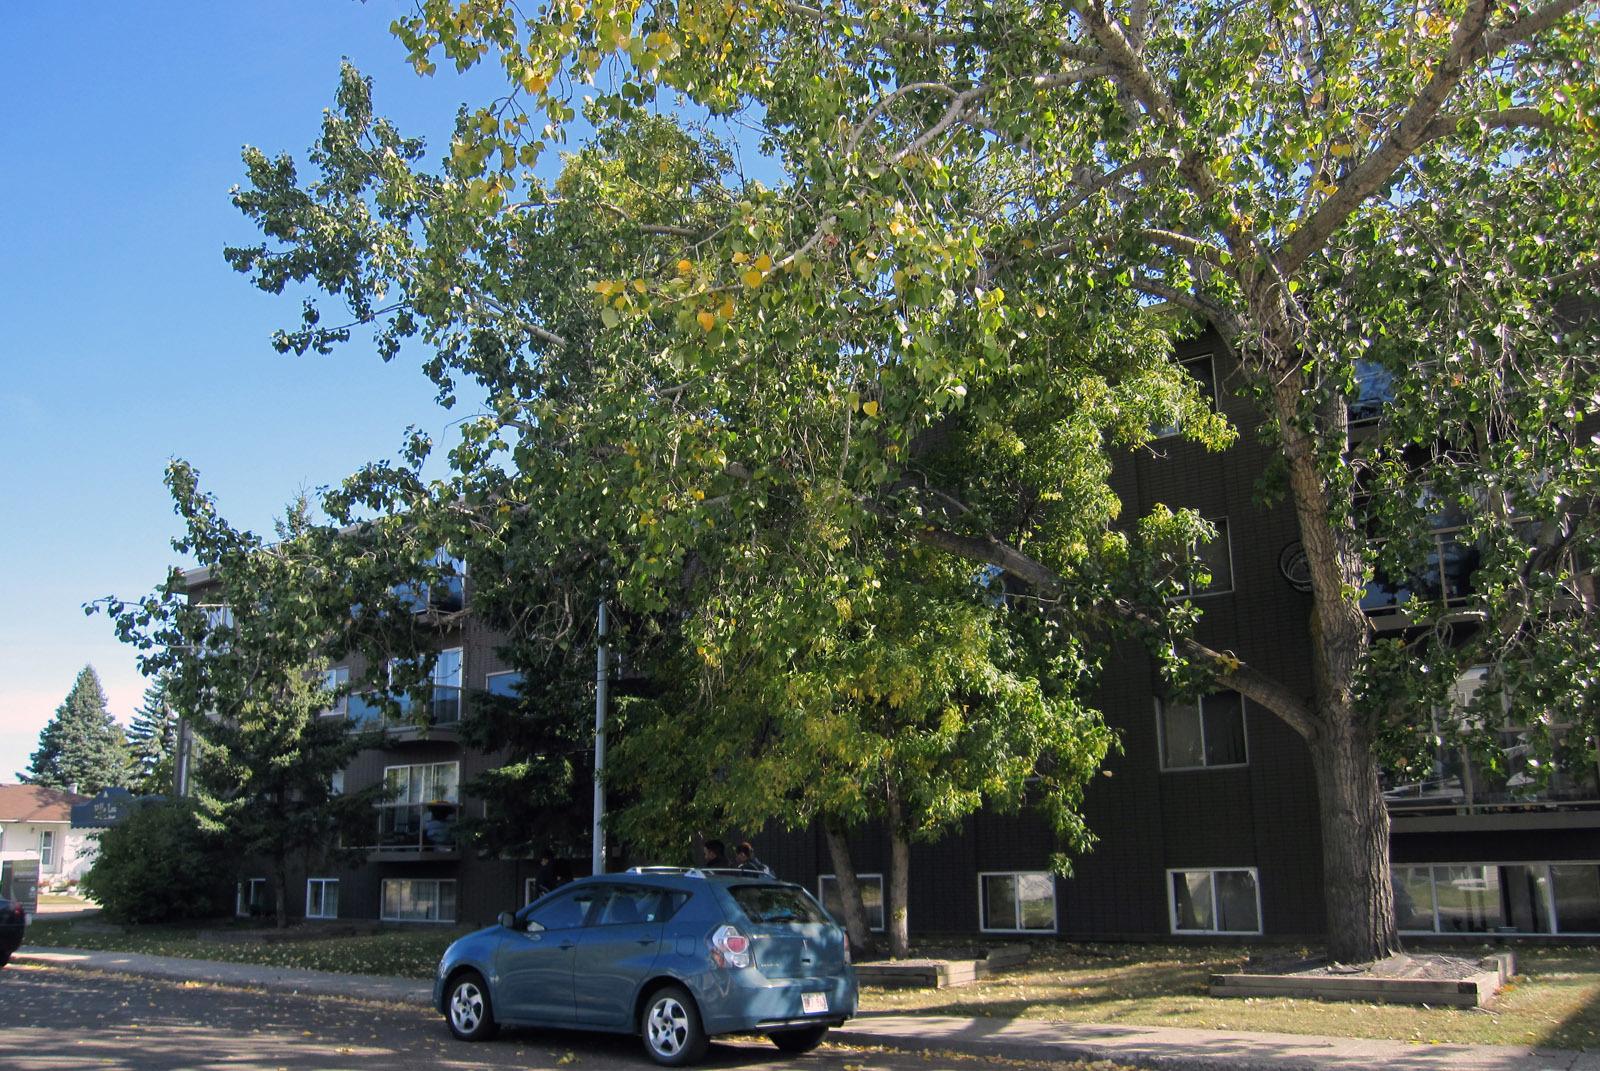 10155 153 Street NW, Edmonton, AB - $925